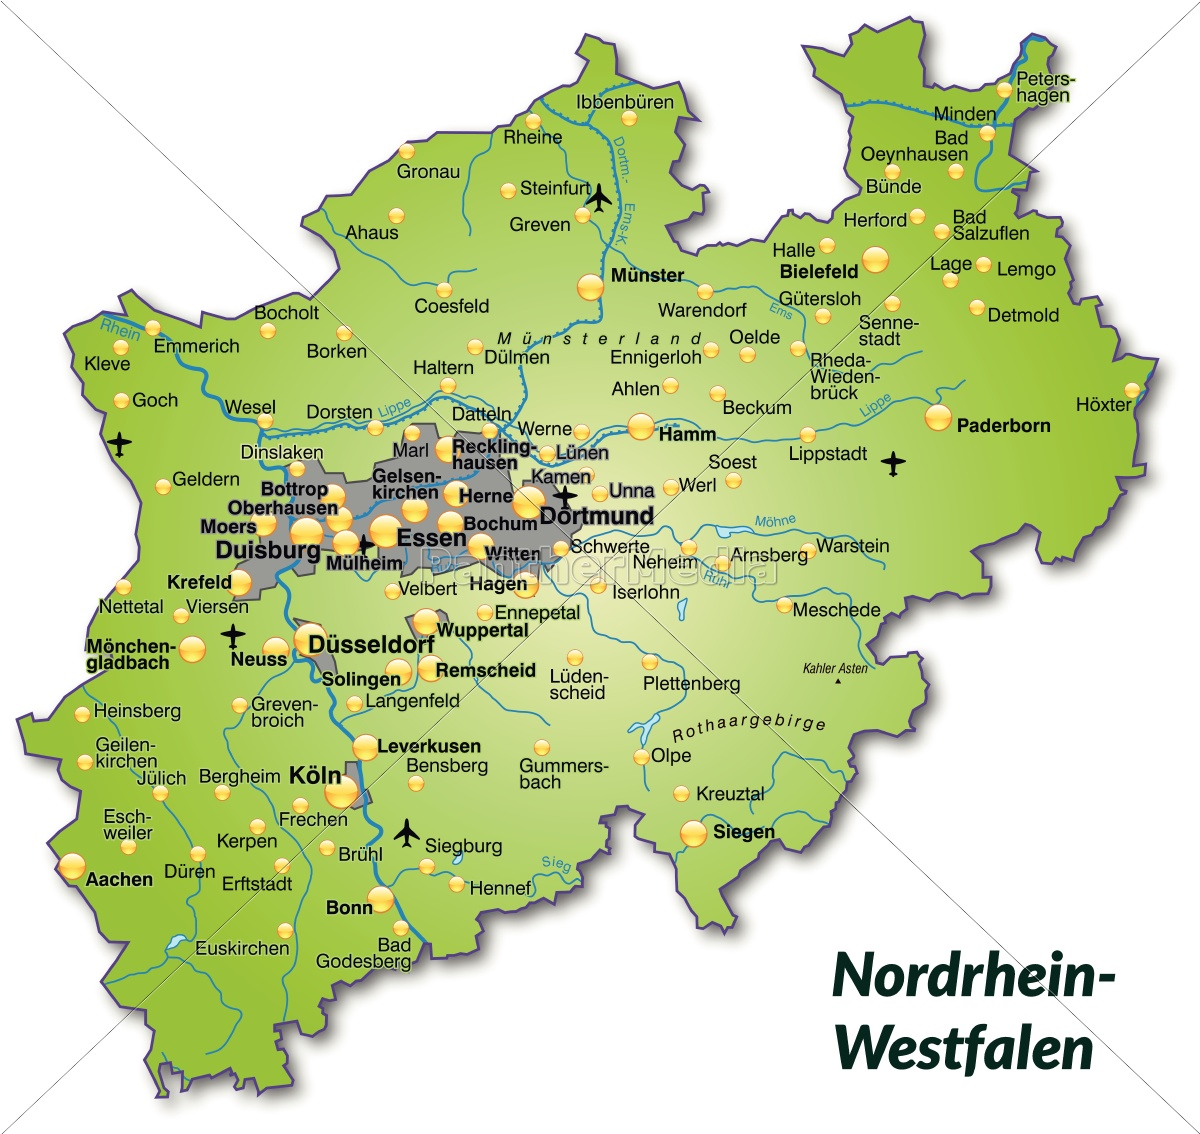 Nordrhein Westfalen Karte.Lizenzfreie Vektorgrafik 10636847 Karte Von Nordrhein Westfalen Als Ubersichtskarte In Grun